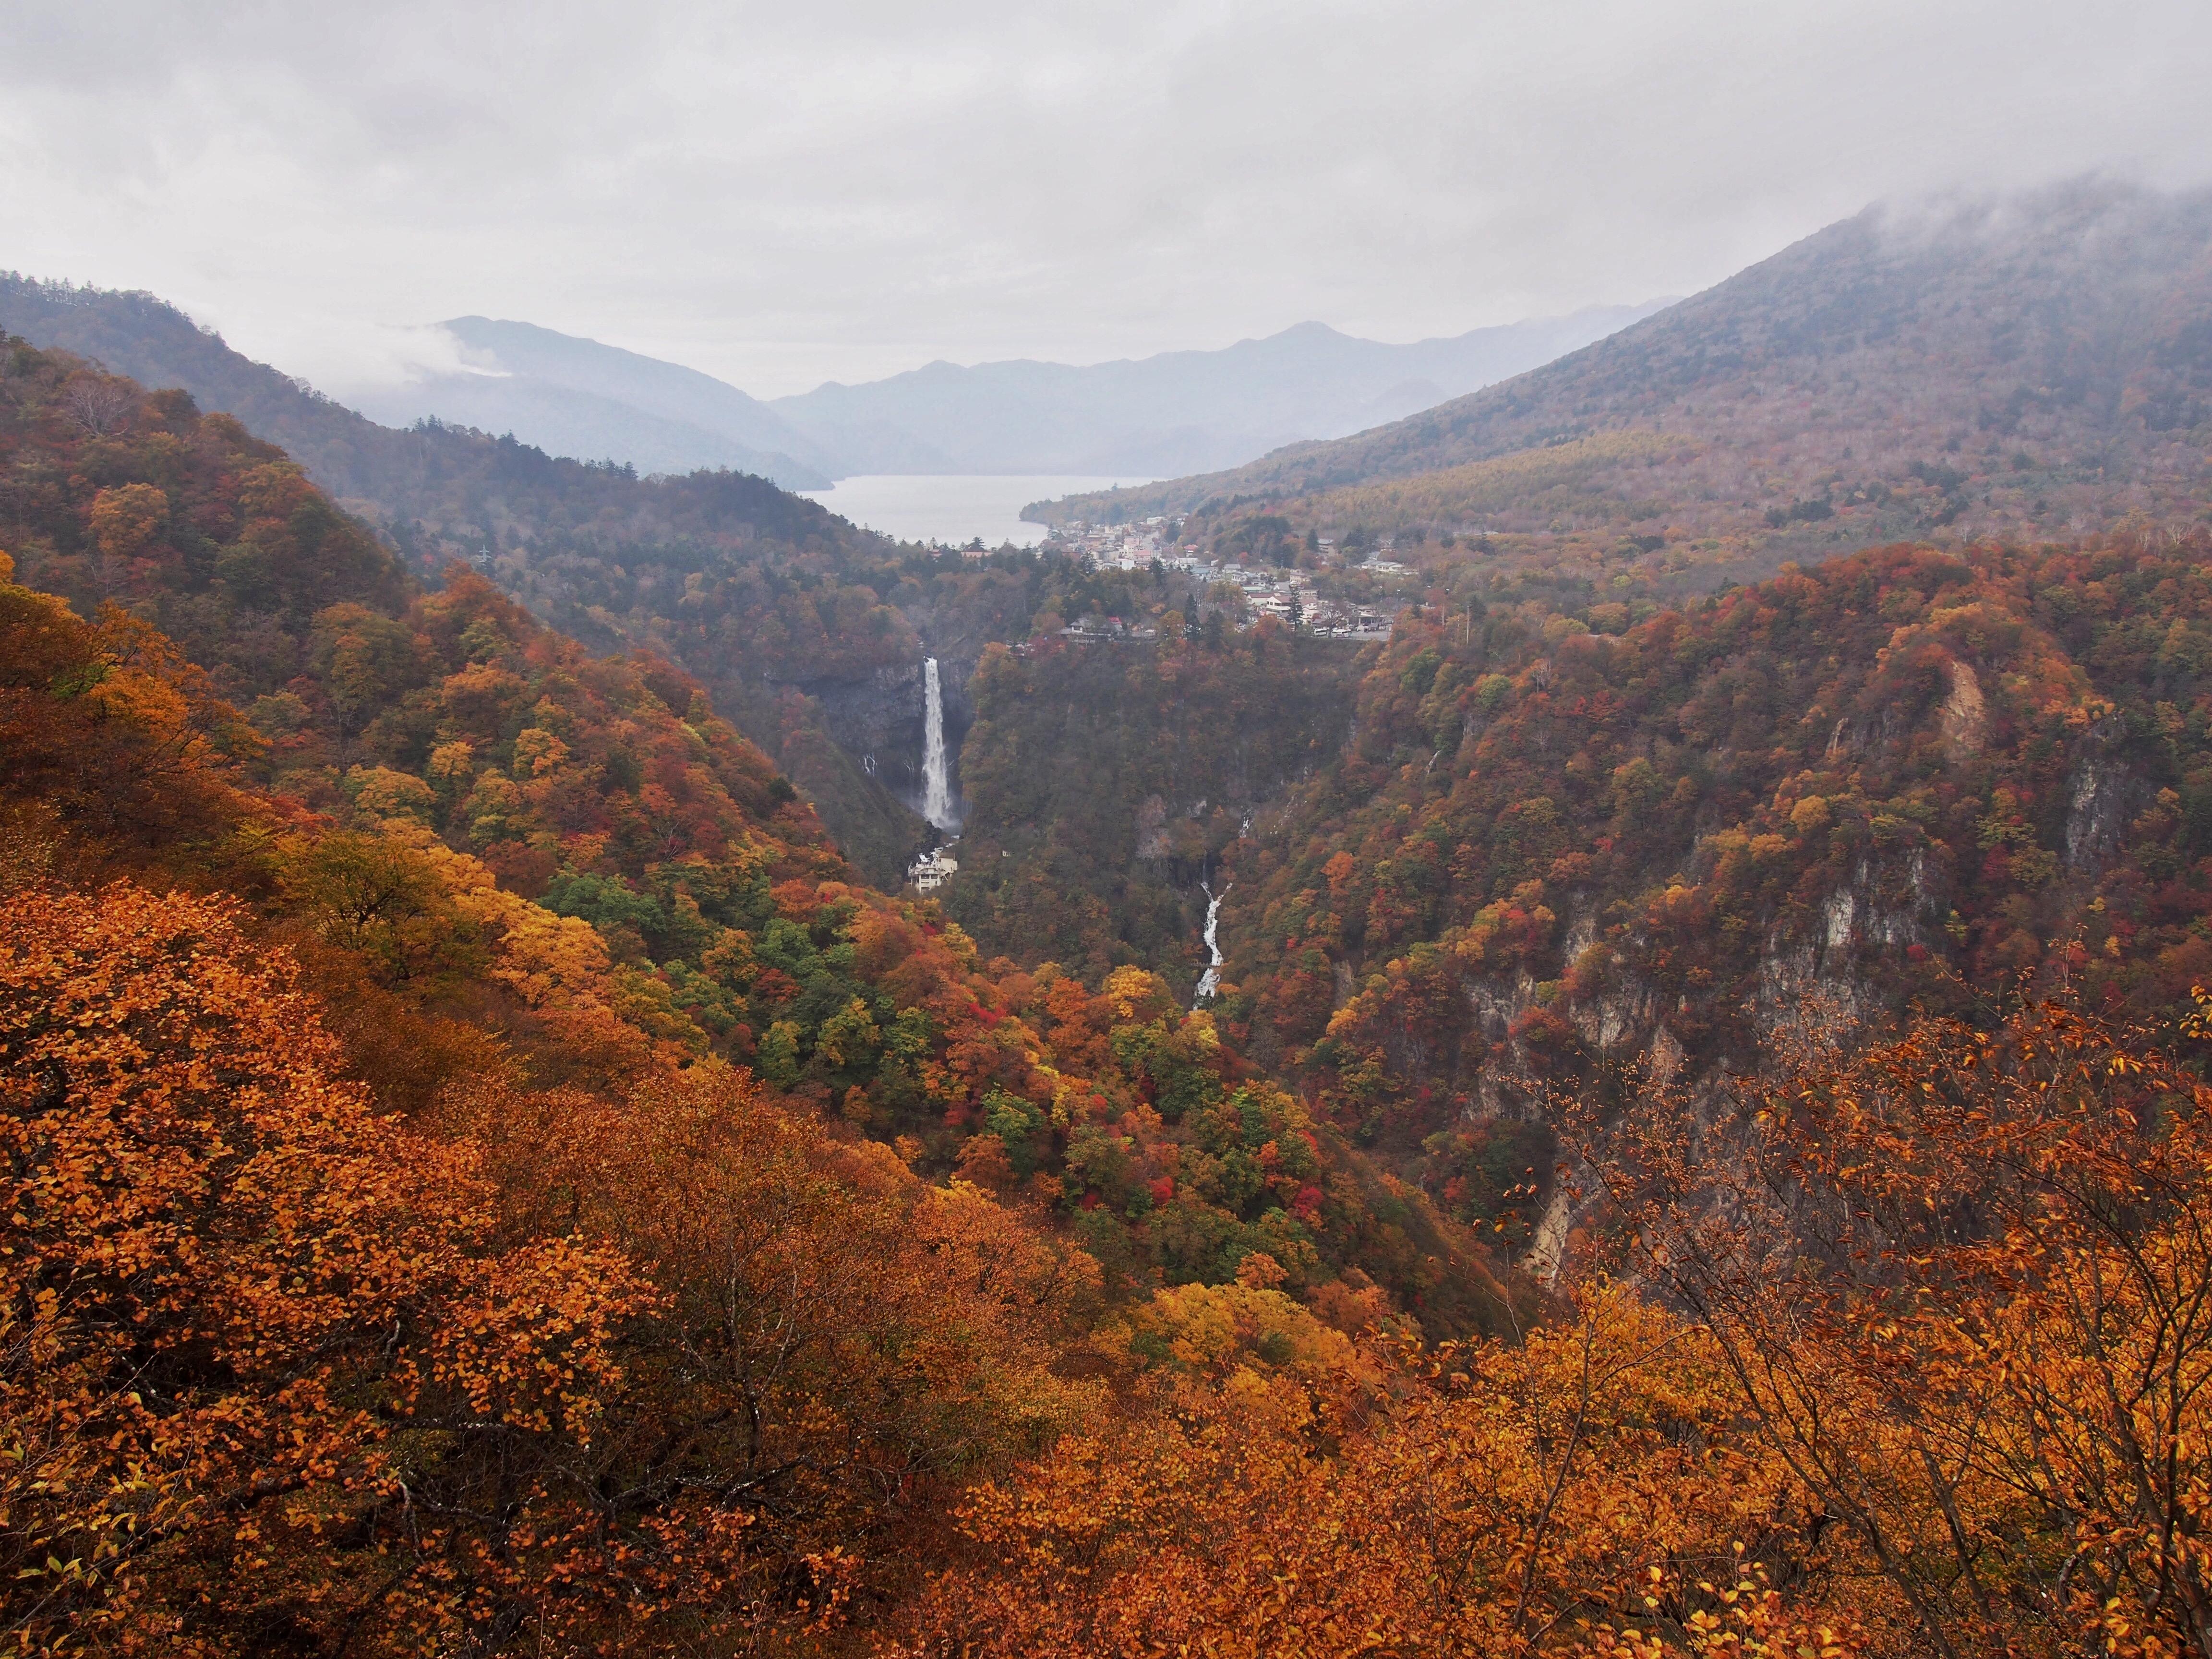 【日光】東照宮だけじゃない?!紅葉の日光、行くべき絶景観光スポット